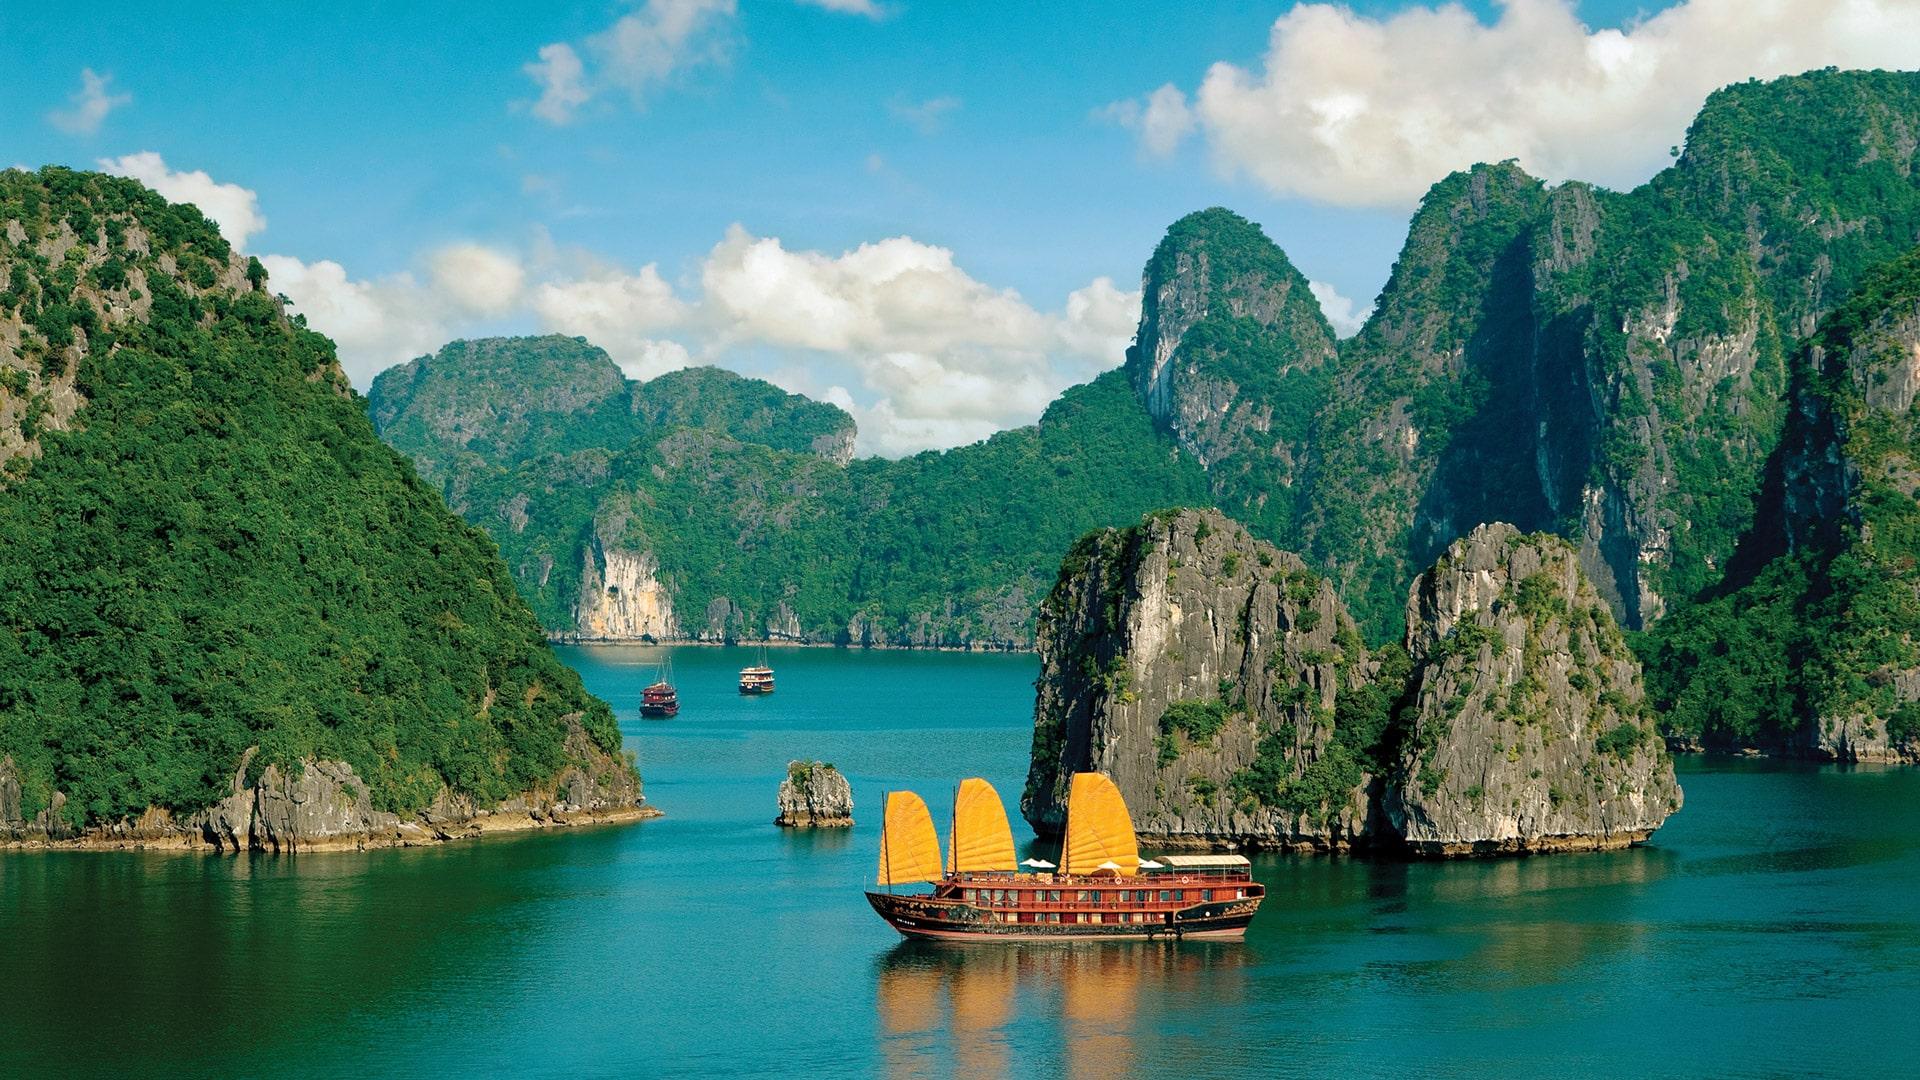 30 hình ảnh Vịnh Hạ Long Quảng Ninh đẹp làm hình nền máy tính